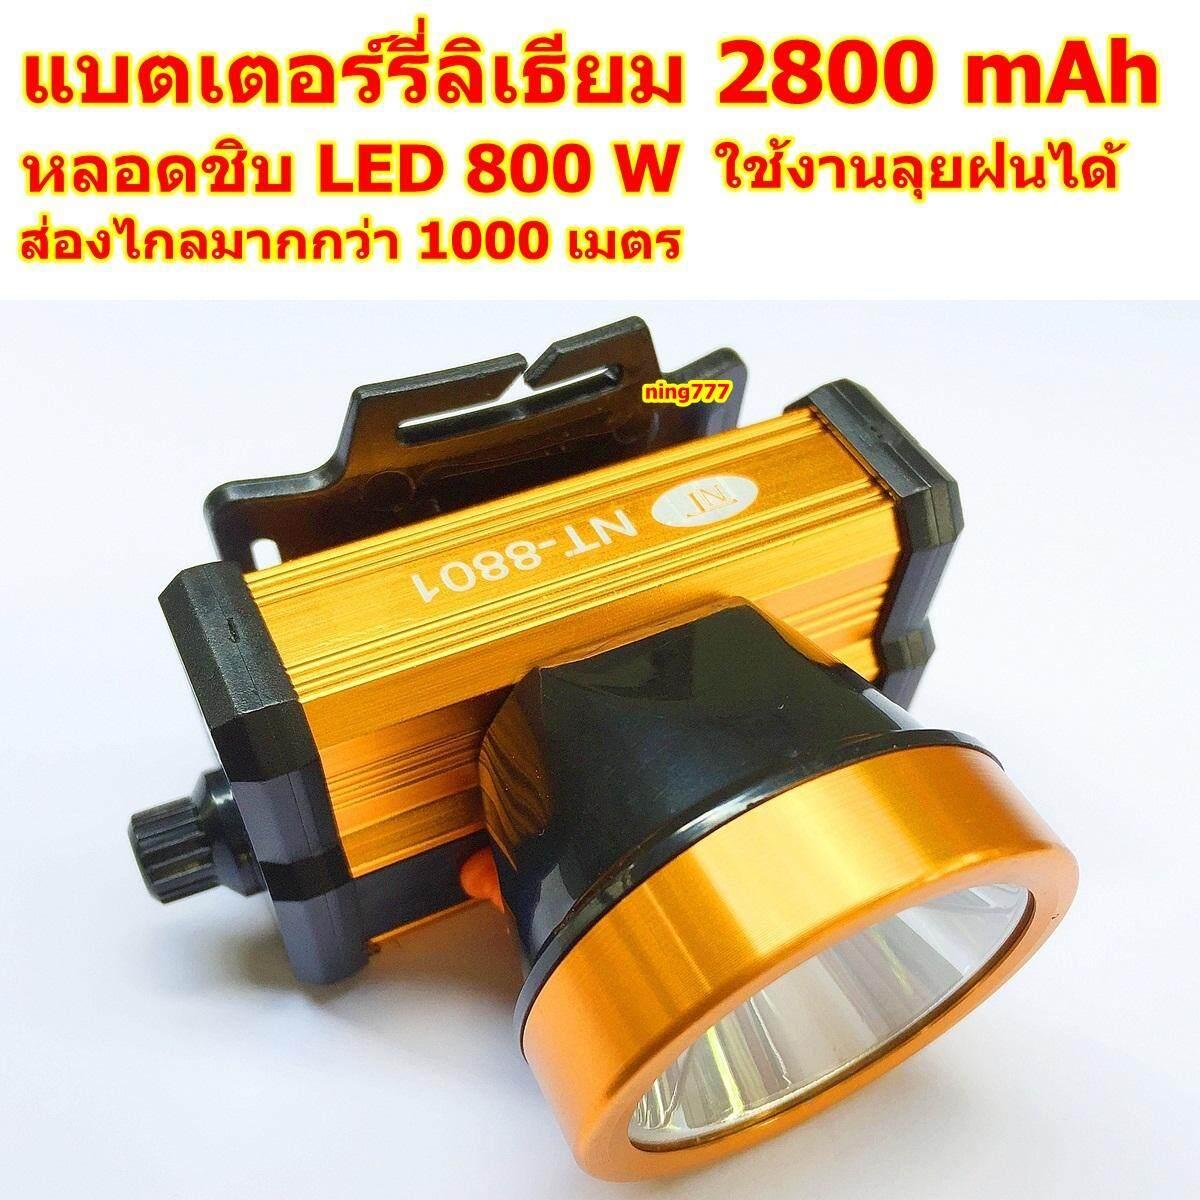 ไฟฉายคาดหัว ไฟฉายคาดศรีษะ ไฟฉายแรงสูง ไฟฉาย ตราเสือ ตราช้าง รุ่น NT-8801 ลุยฝนได้ ส่องไกลมากกว่า 1000 เมตร แบตเตอรี่ลิเธียม head lamp 2800 mAh หลอดชิบ LED 800 W